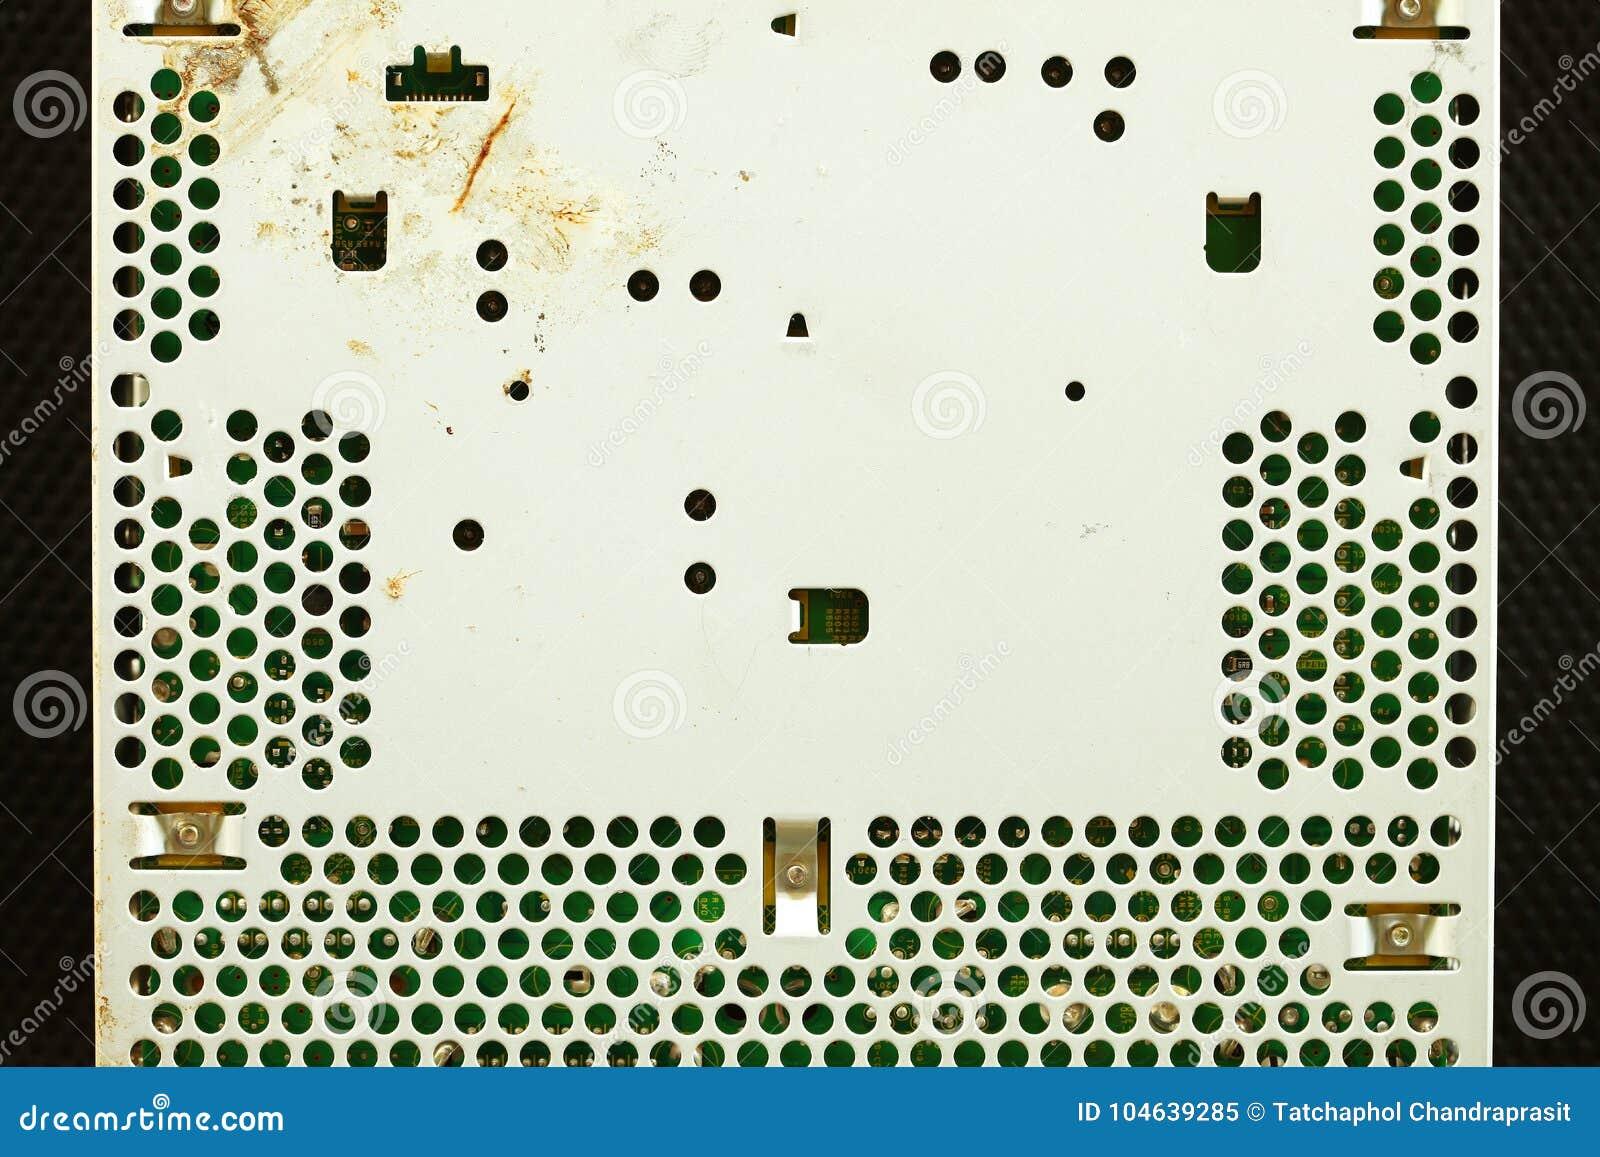 Download Buitengeval Van Auto Radioeenheid Stock Afbeelding - Afbeelding bestaande uit noten, marking: 104639285